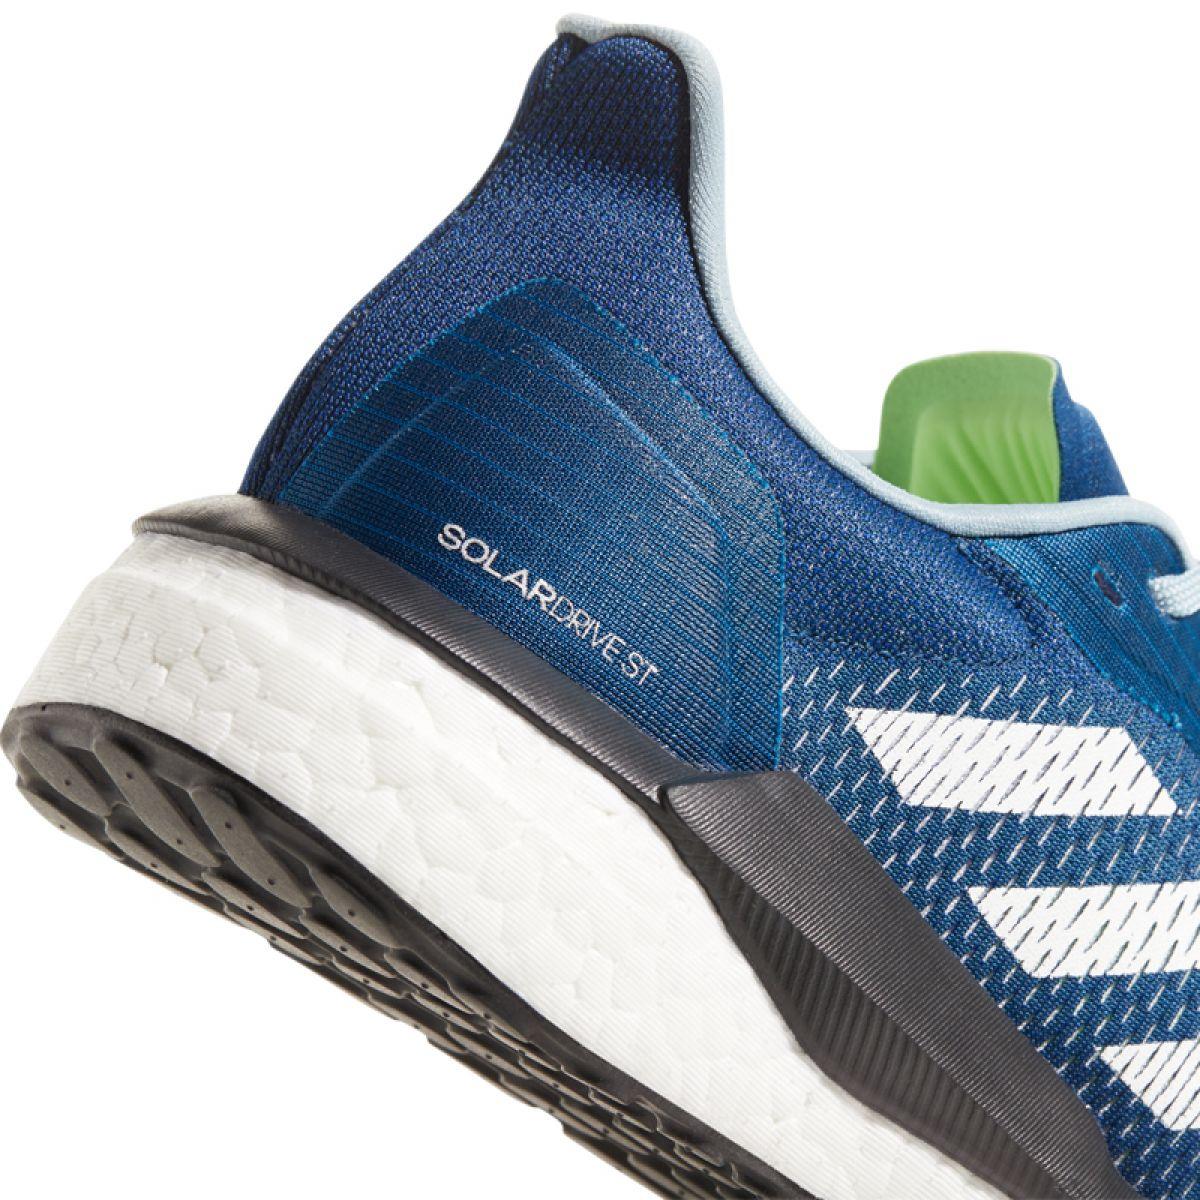 Best Billig Damenschuhe Schuhe adidas Haven W CQ2523